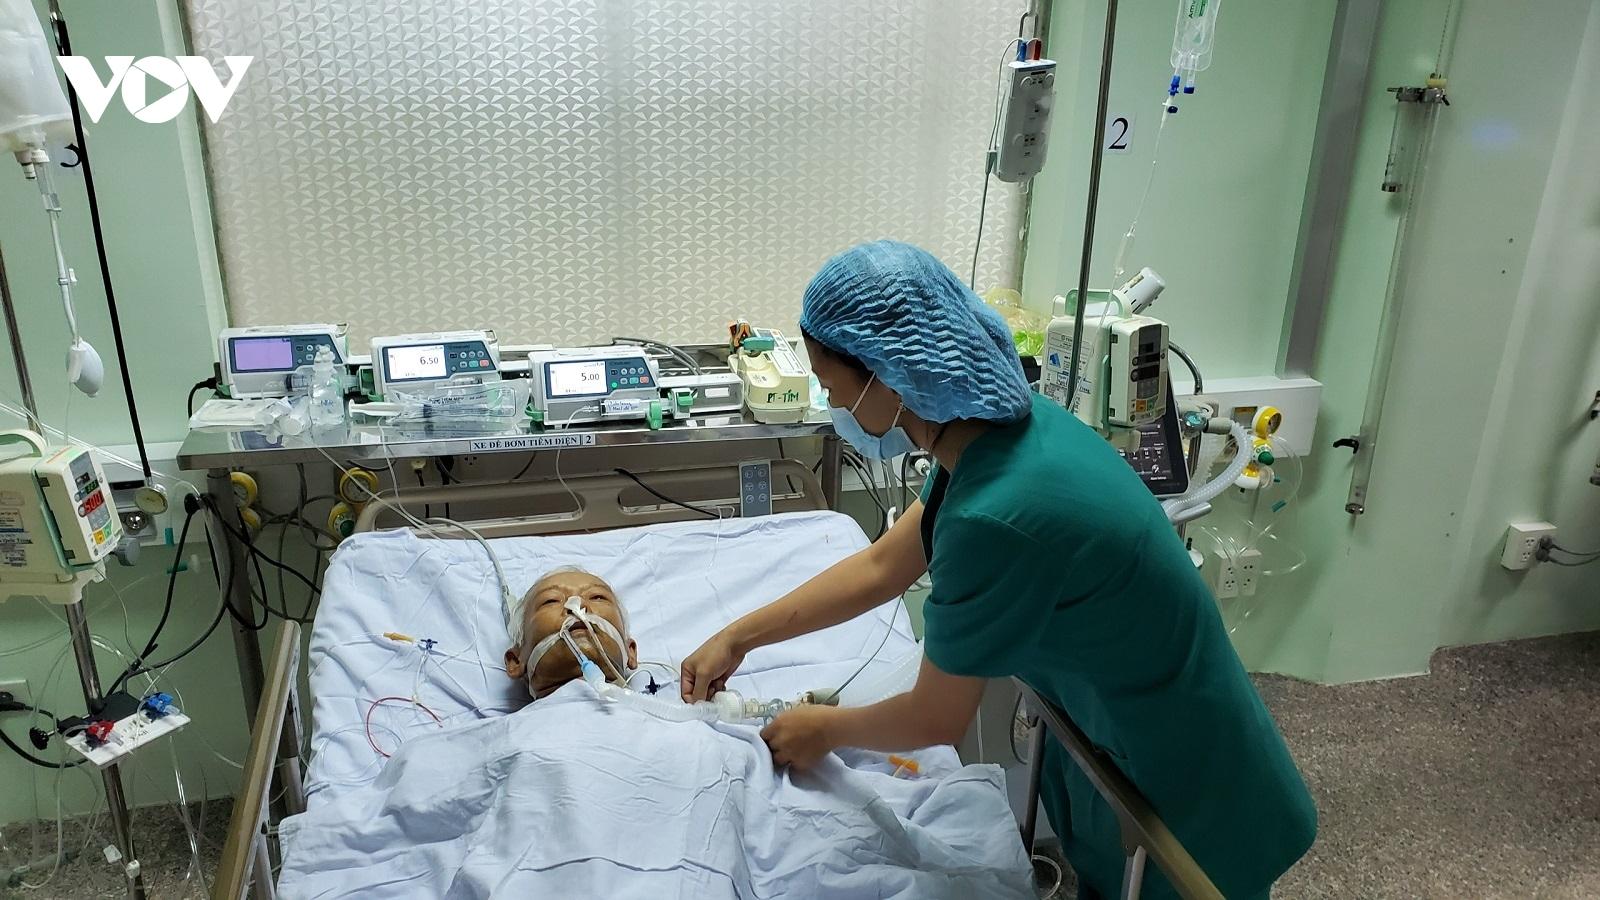 Cứu sống bệnh nhân bị khối u to trong tim nguy kịch